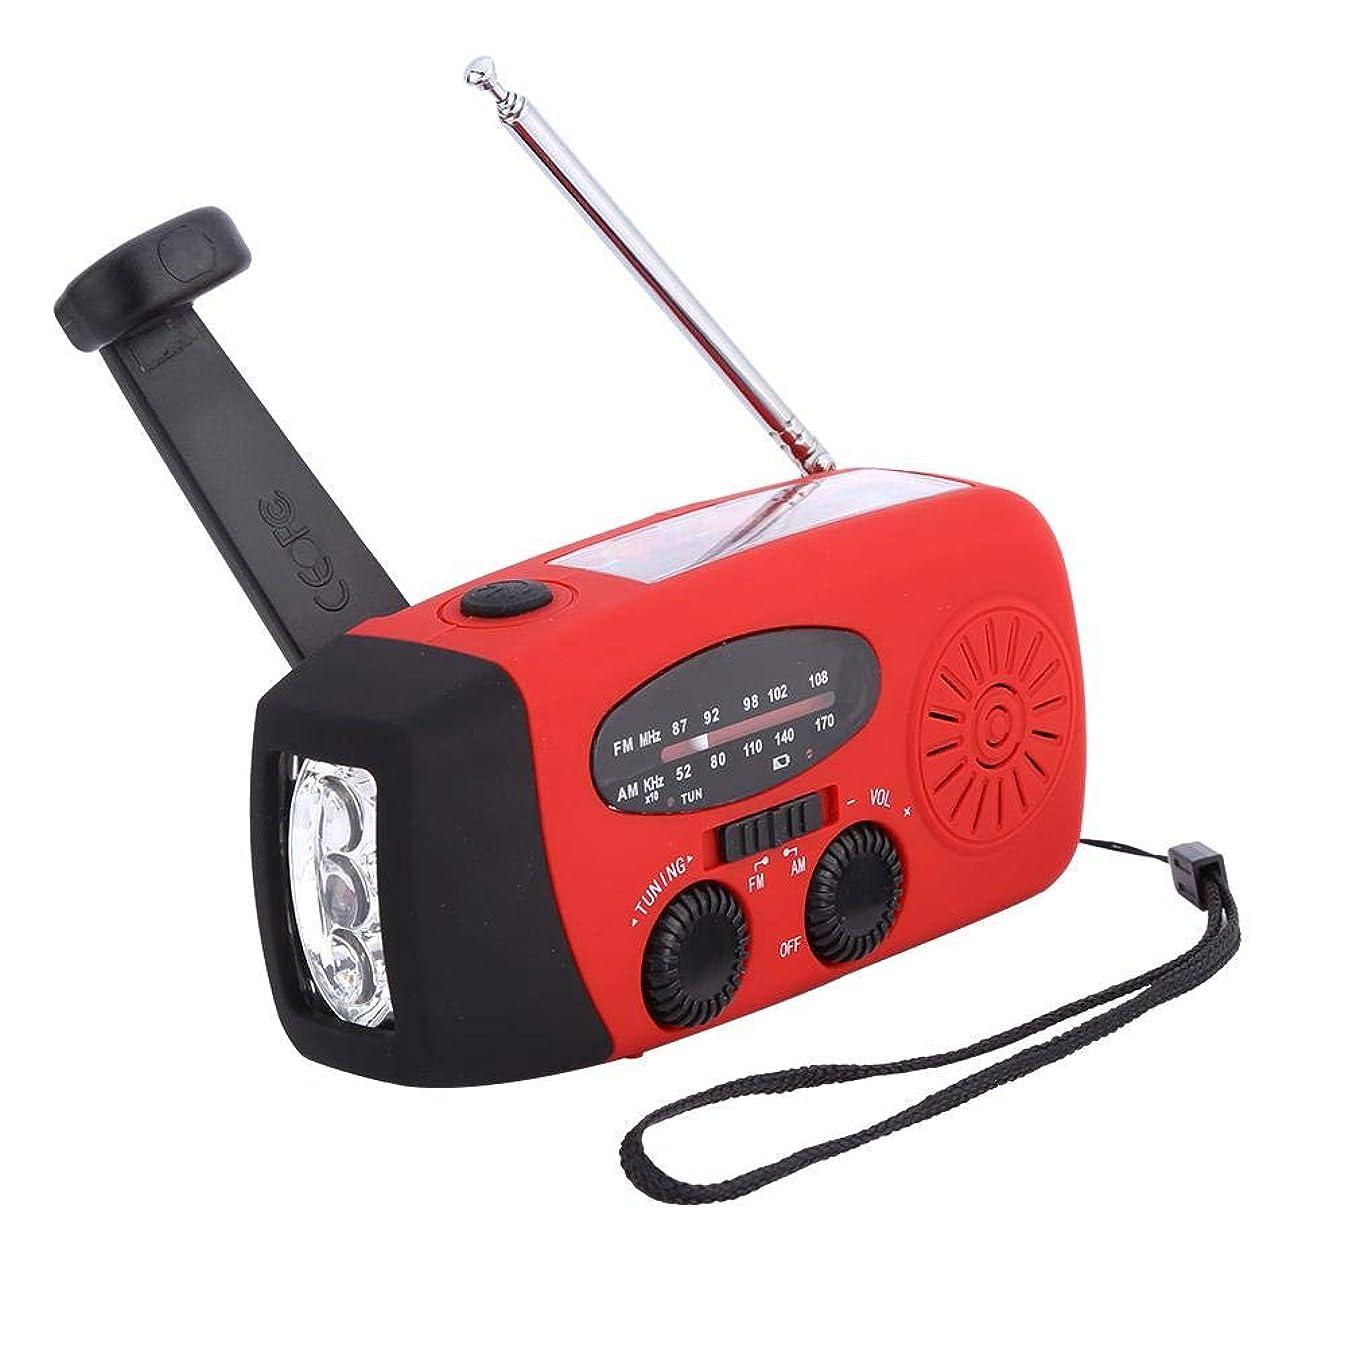 リップマサッチョ必要条件Lazmin ラジオ ソーラーラジオ 手回しラジオ 多機能 USB充電できる ライトLED懐中電灯機能 小型 軽量 持ち運び便利 緊急用 (レッド)